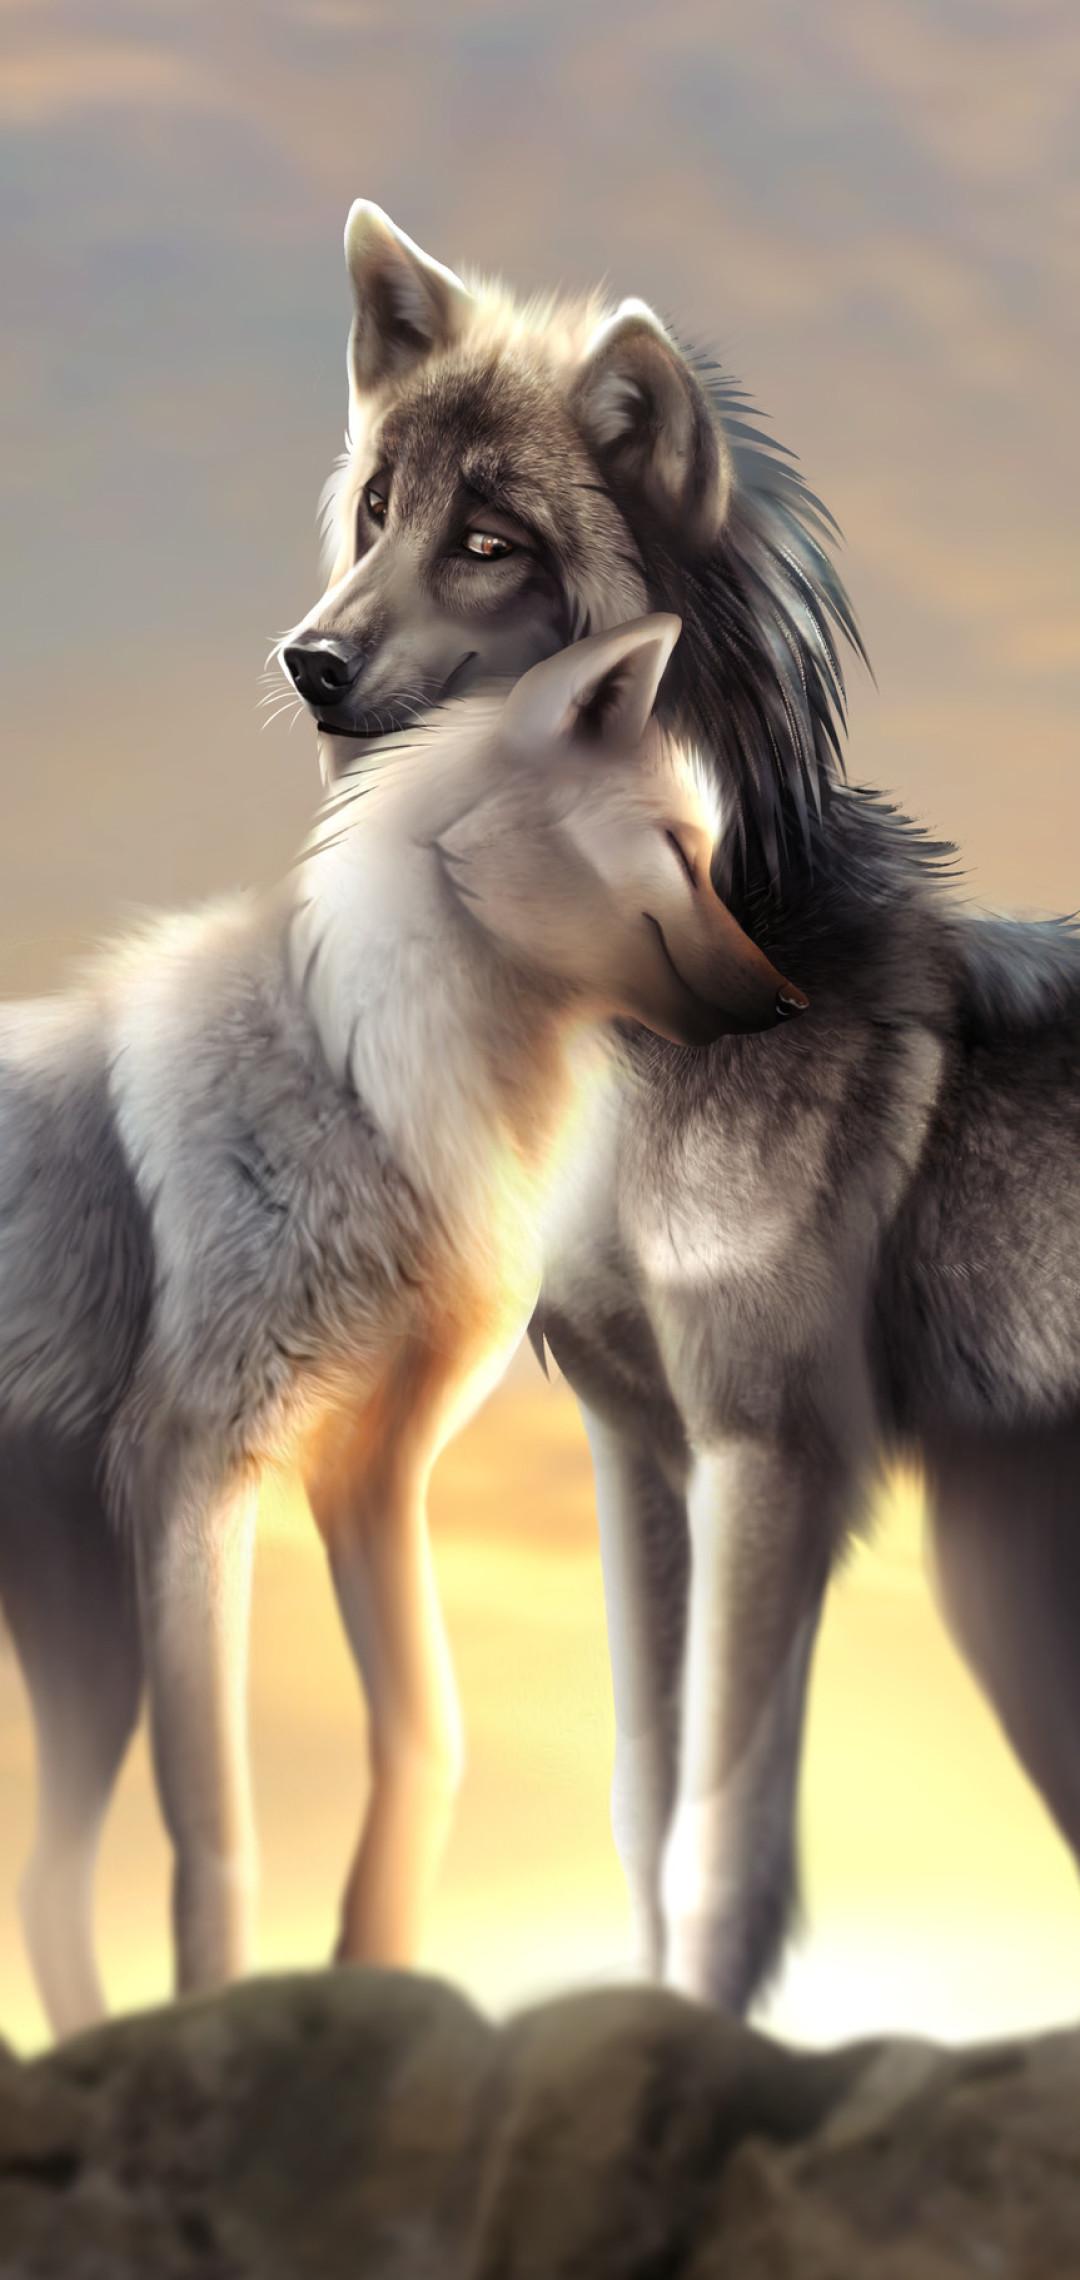 Wolf Wallpaper Phone - Cute Wolf Wallpaper Iphone , HD Wallpaper & Backgrounds